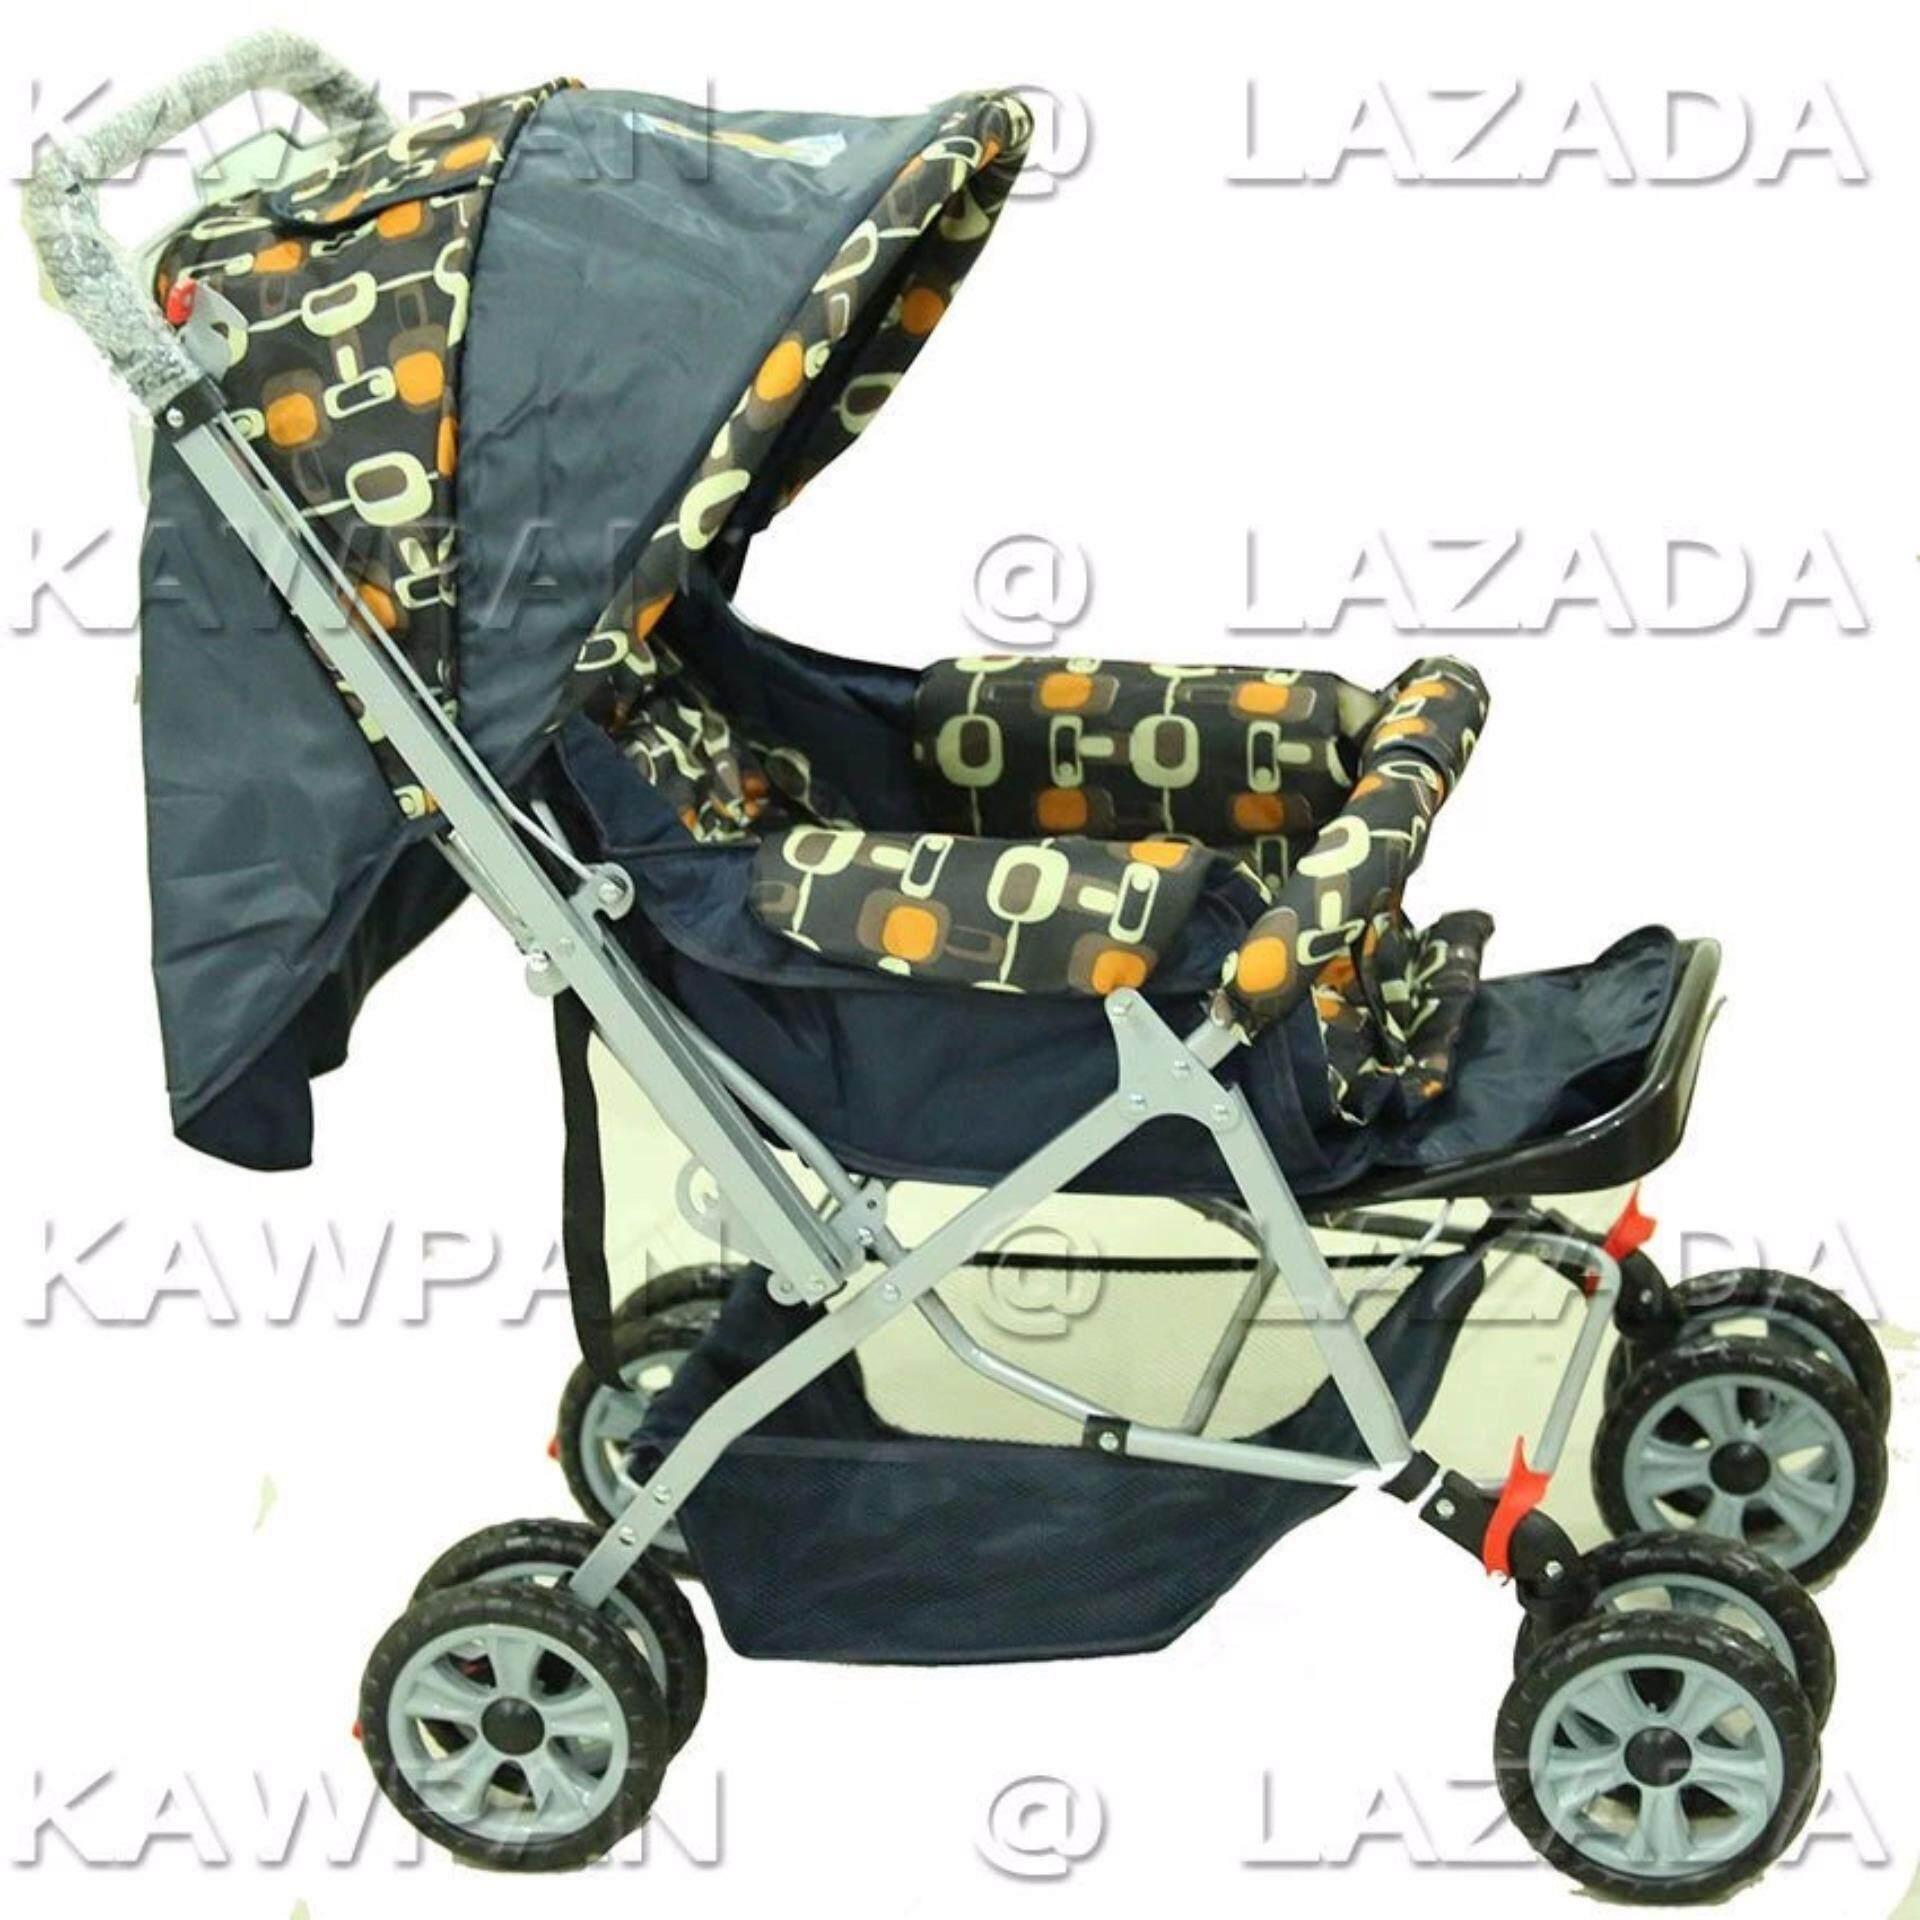 ของแท้และส่งฟรี Ada รถเข็นเด็กแบบนอน รถเข็นเด็กแบบพกพา ยี่ห้อ Ada Baby - สีเทา มีประกินสินค้า